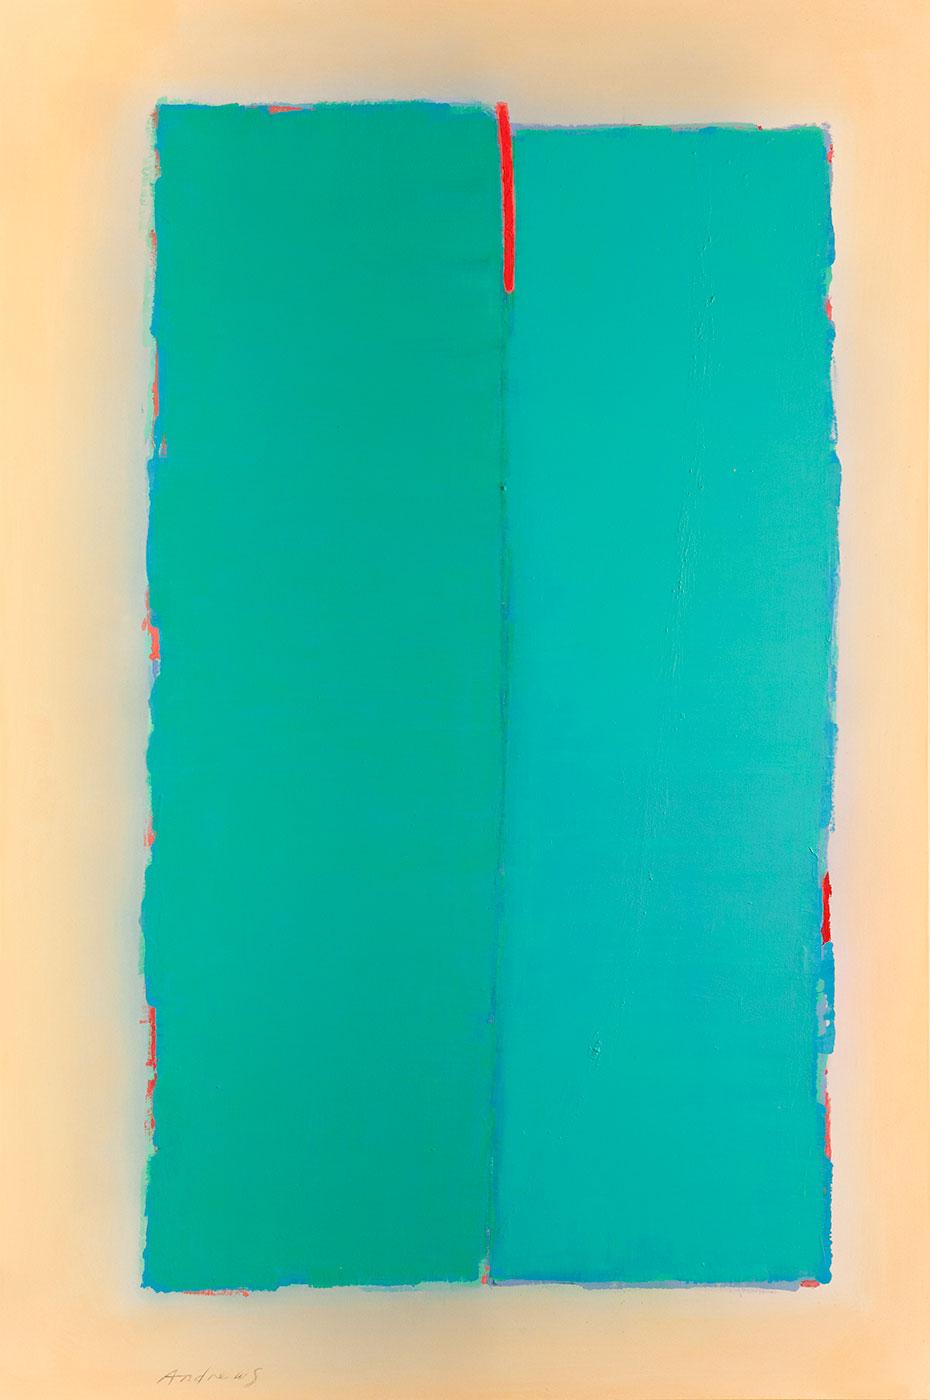 Cuadro 7 (2011) 195 x 130 cm.